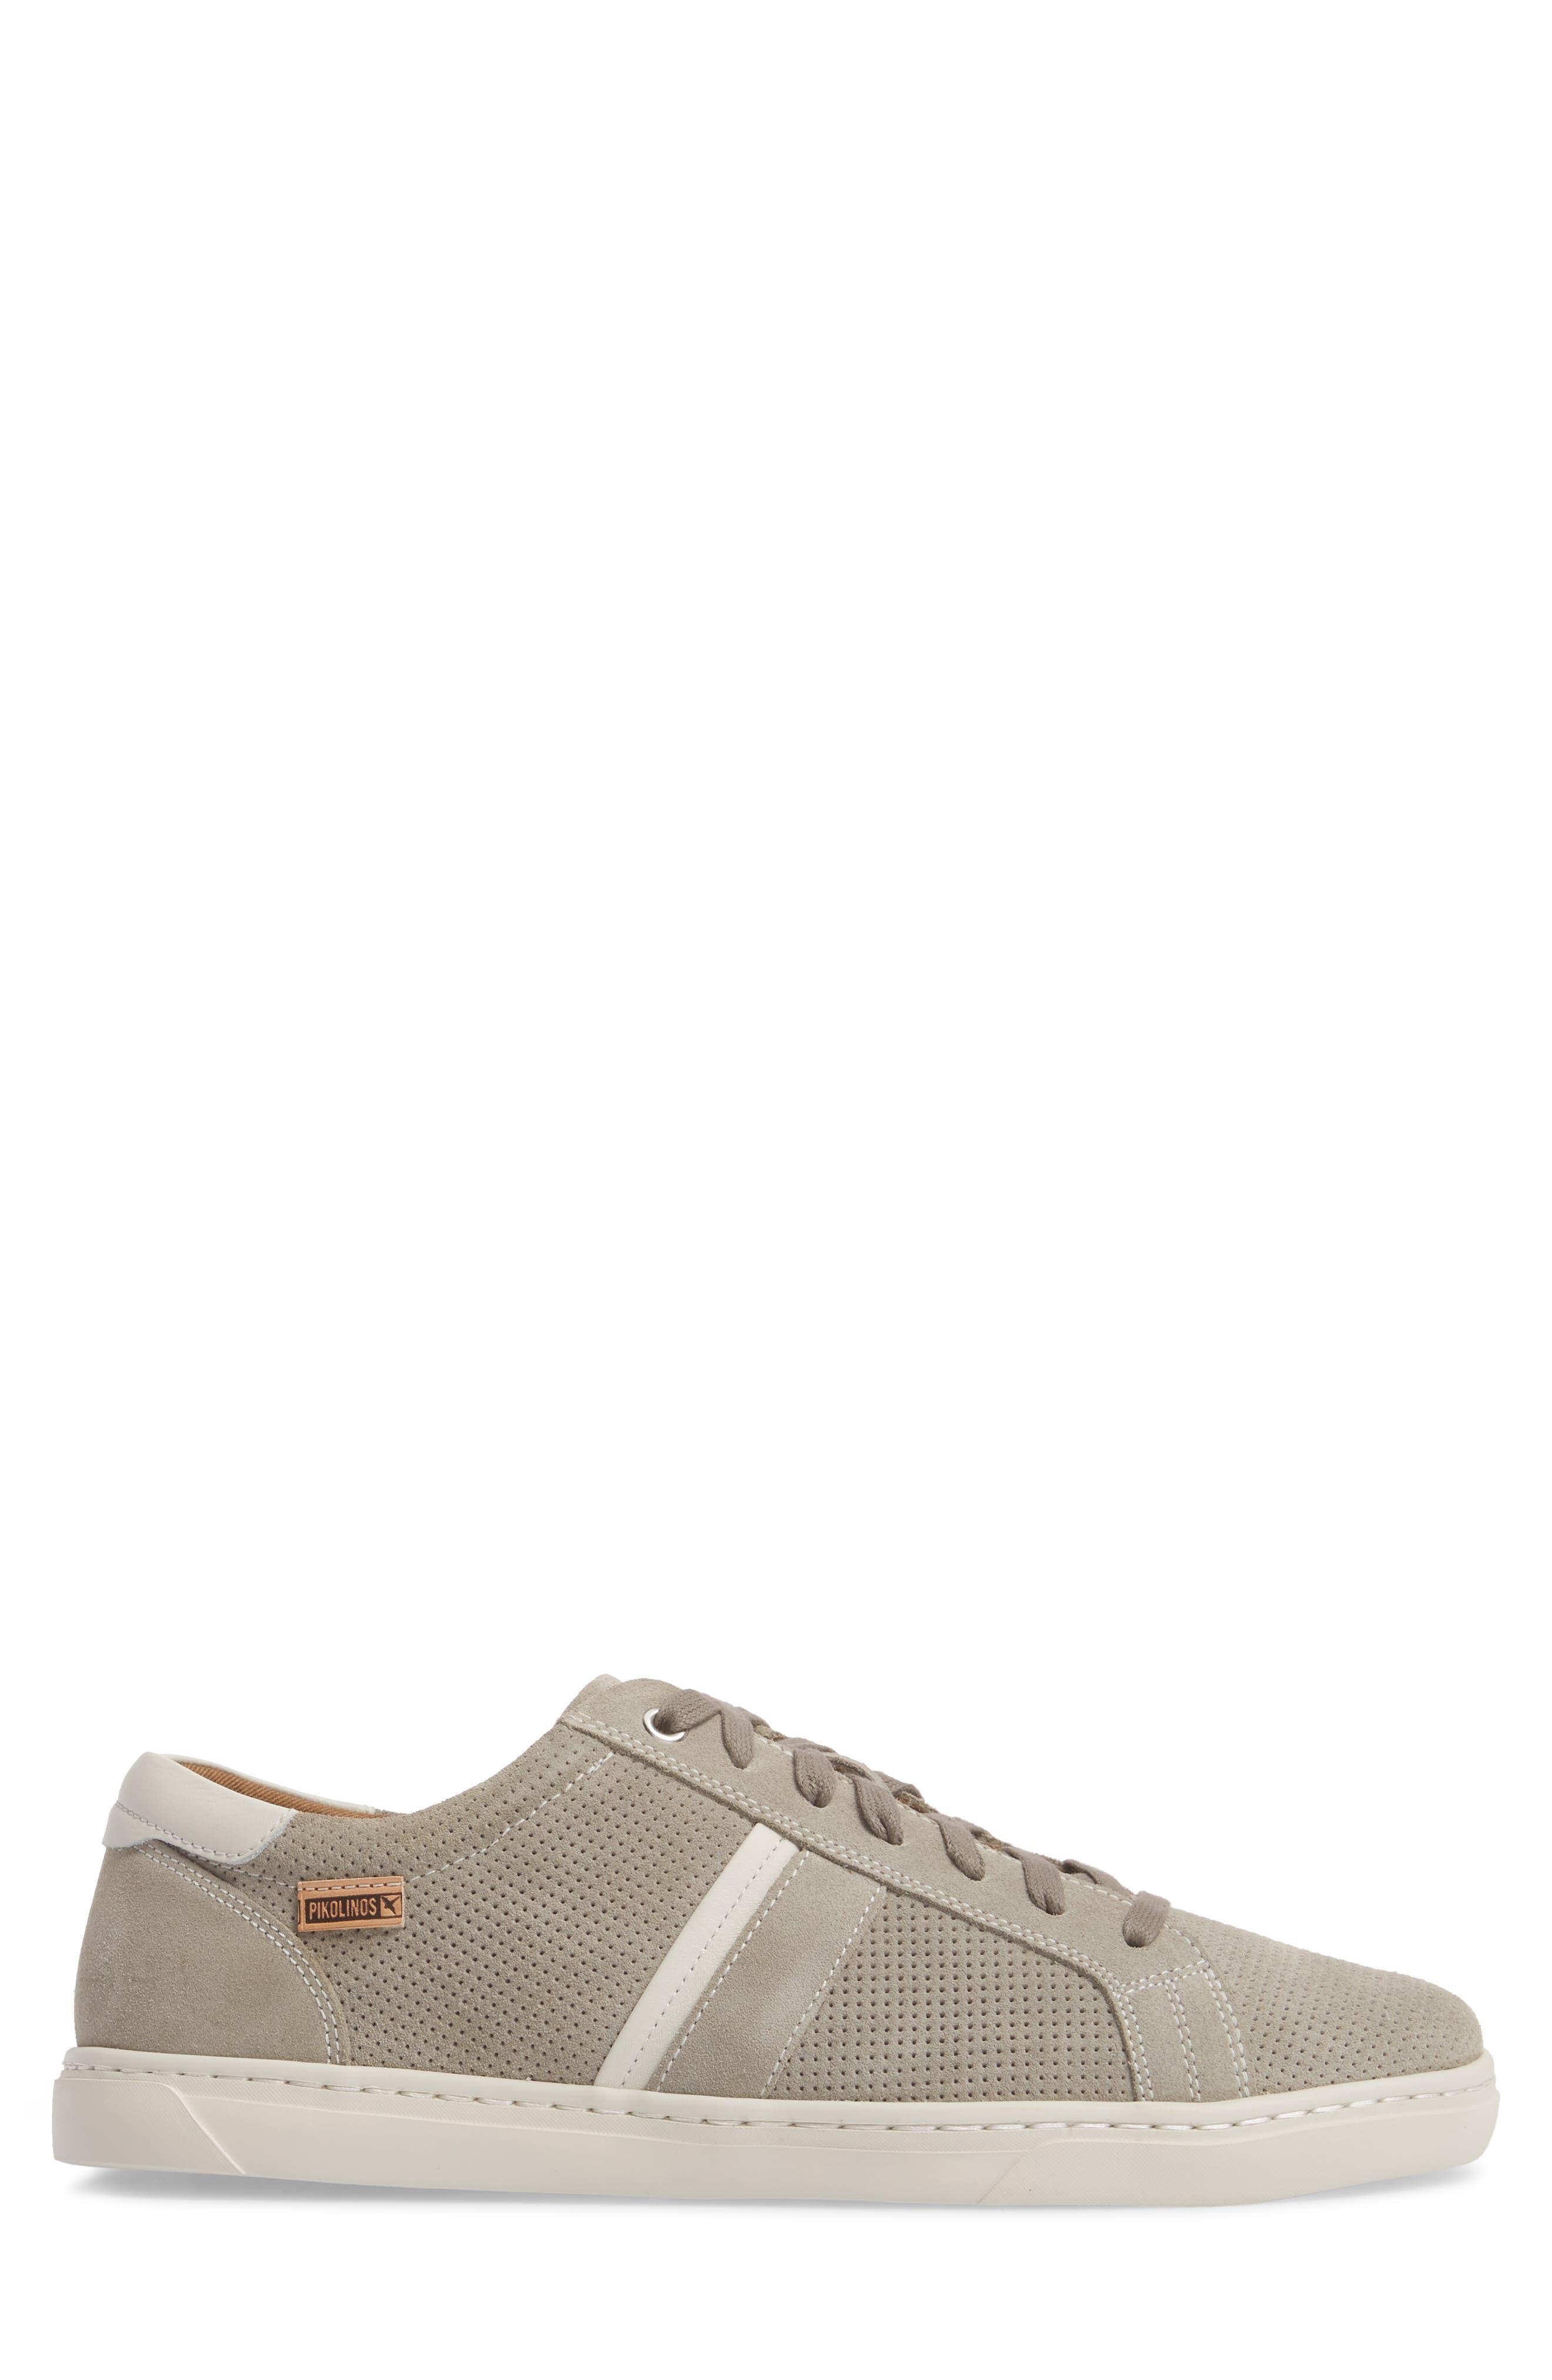 Belfort Perforated Sneaker,                             Alternate thumbnail 3, color,                             020